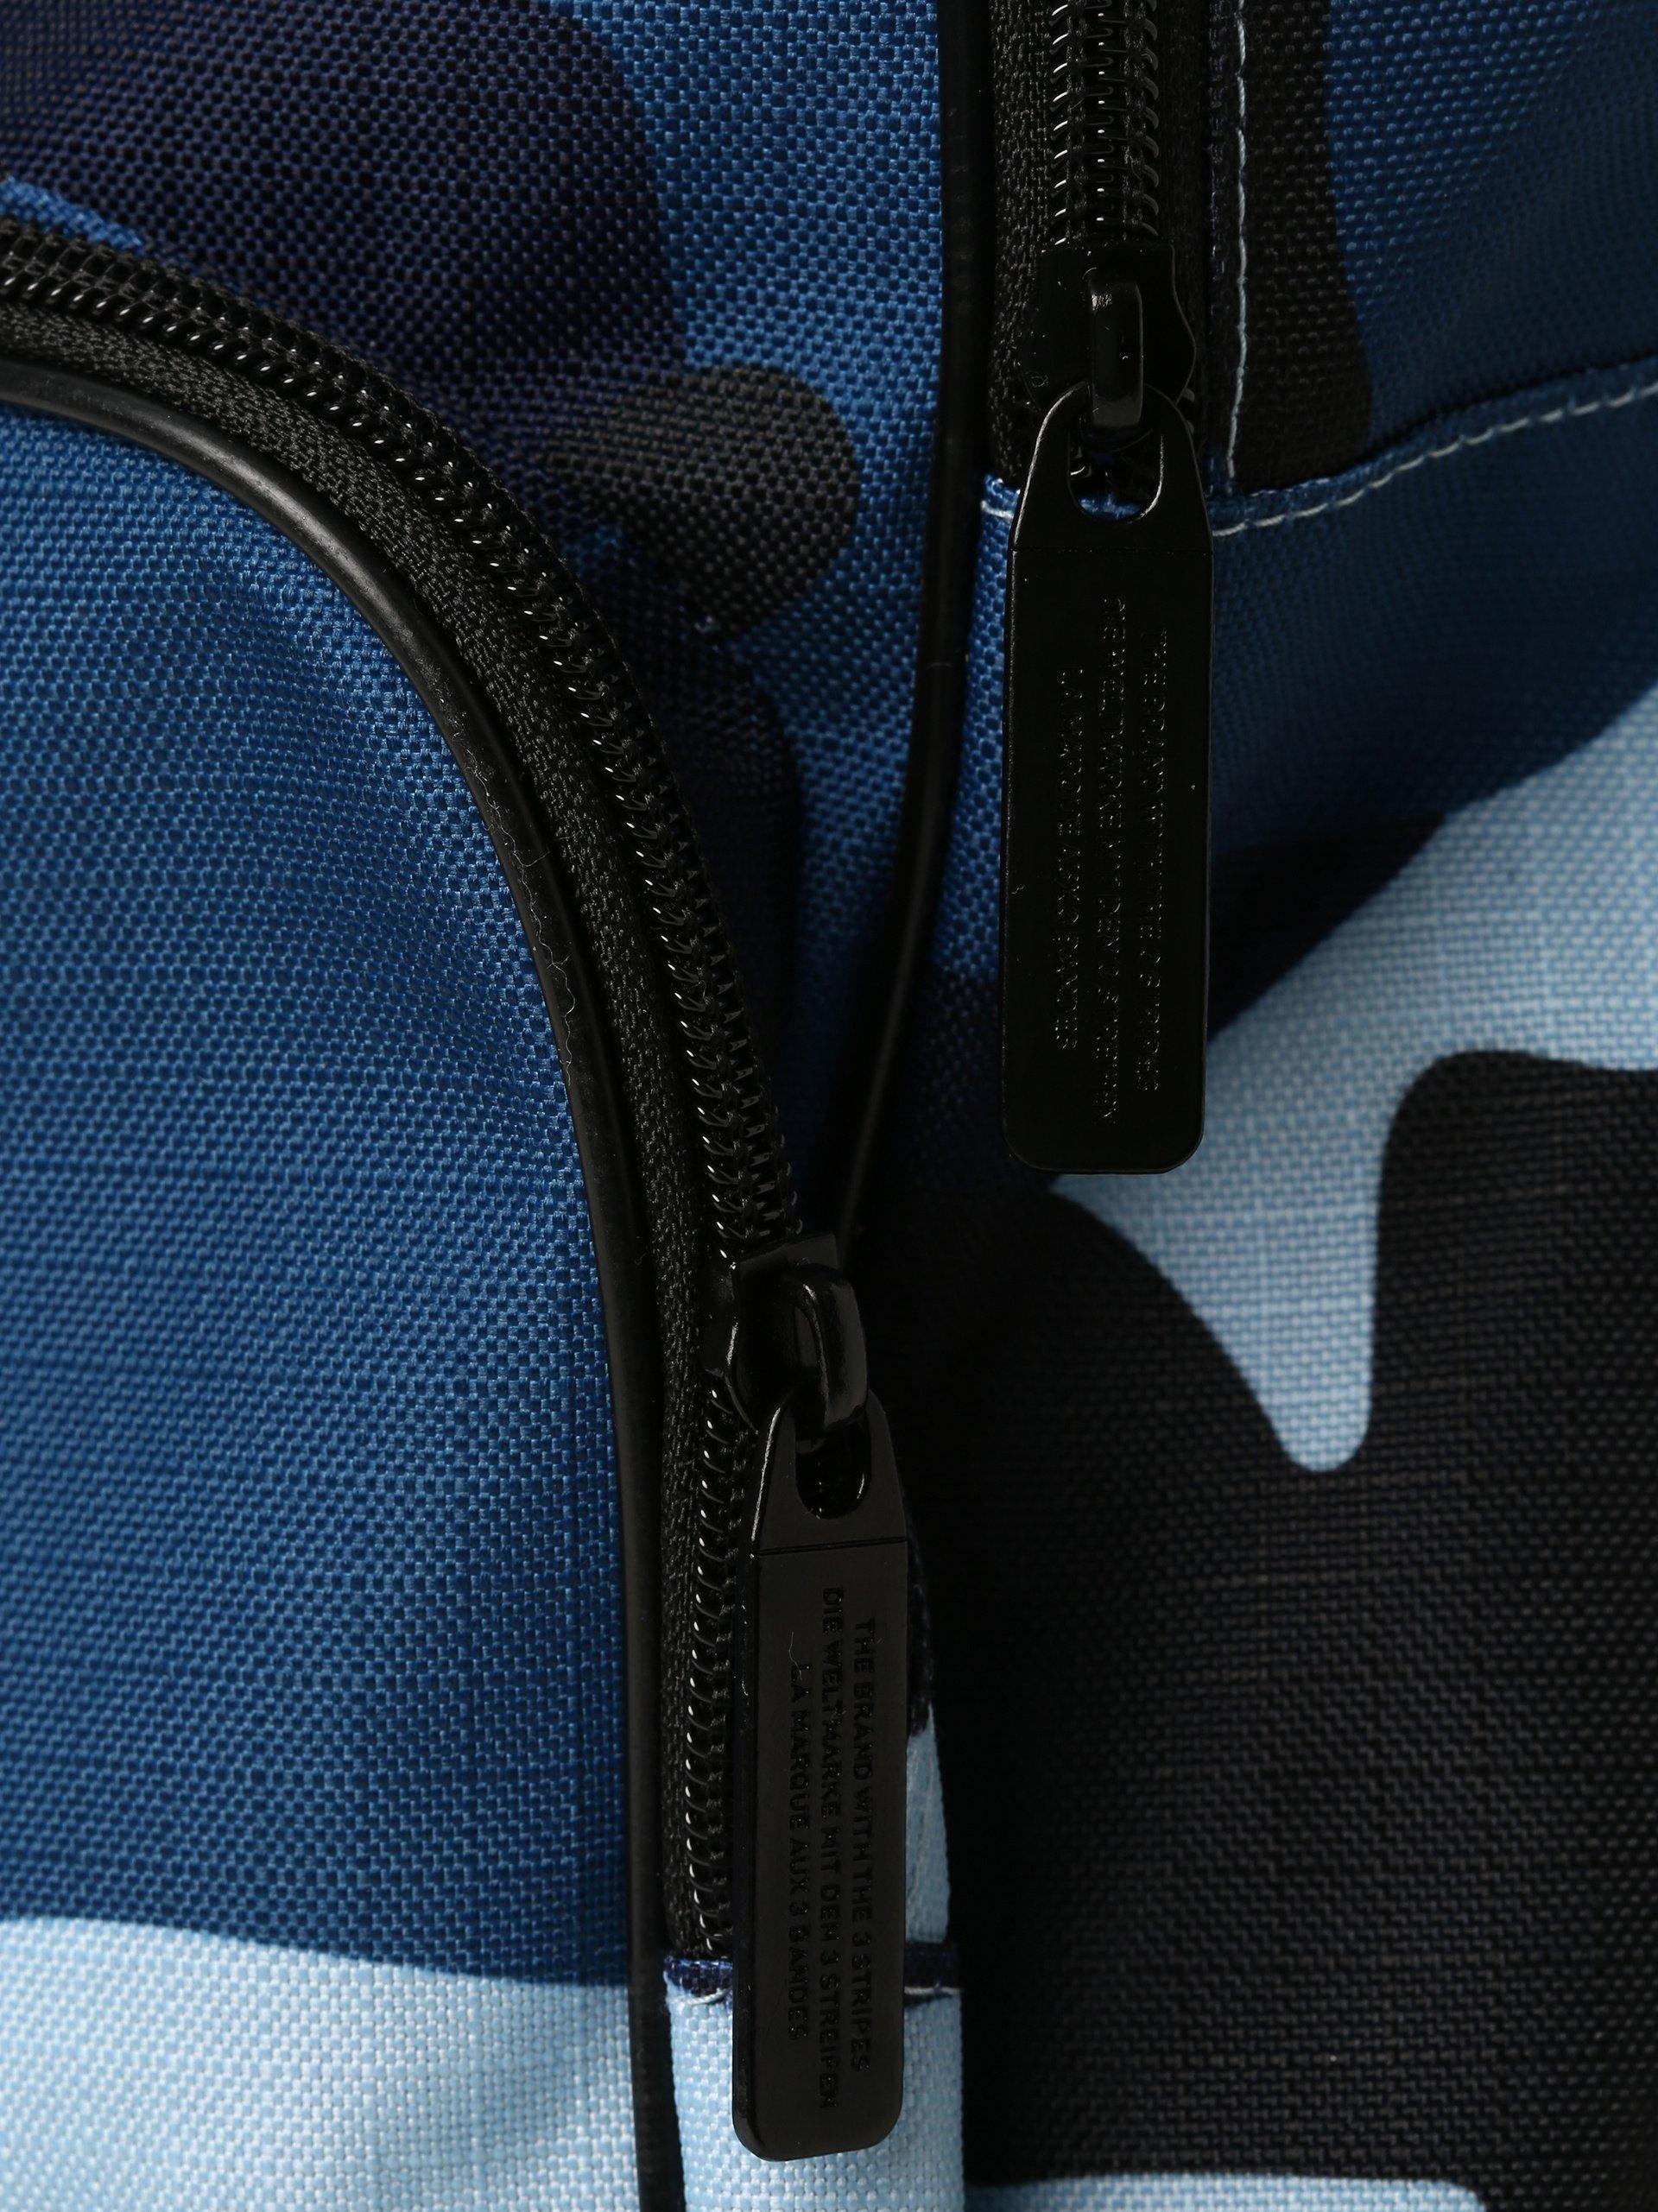 adidas Originals Rucksack mit Camouflage-Print